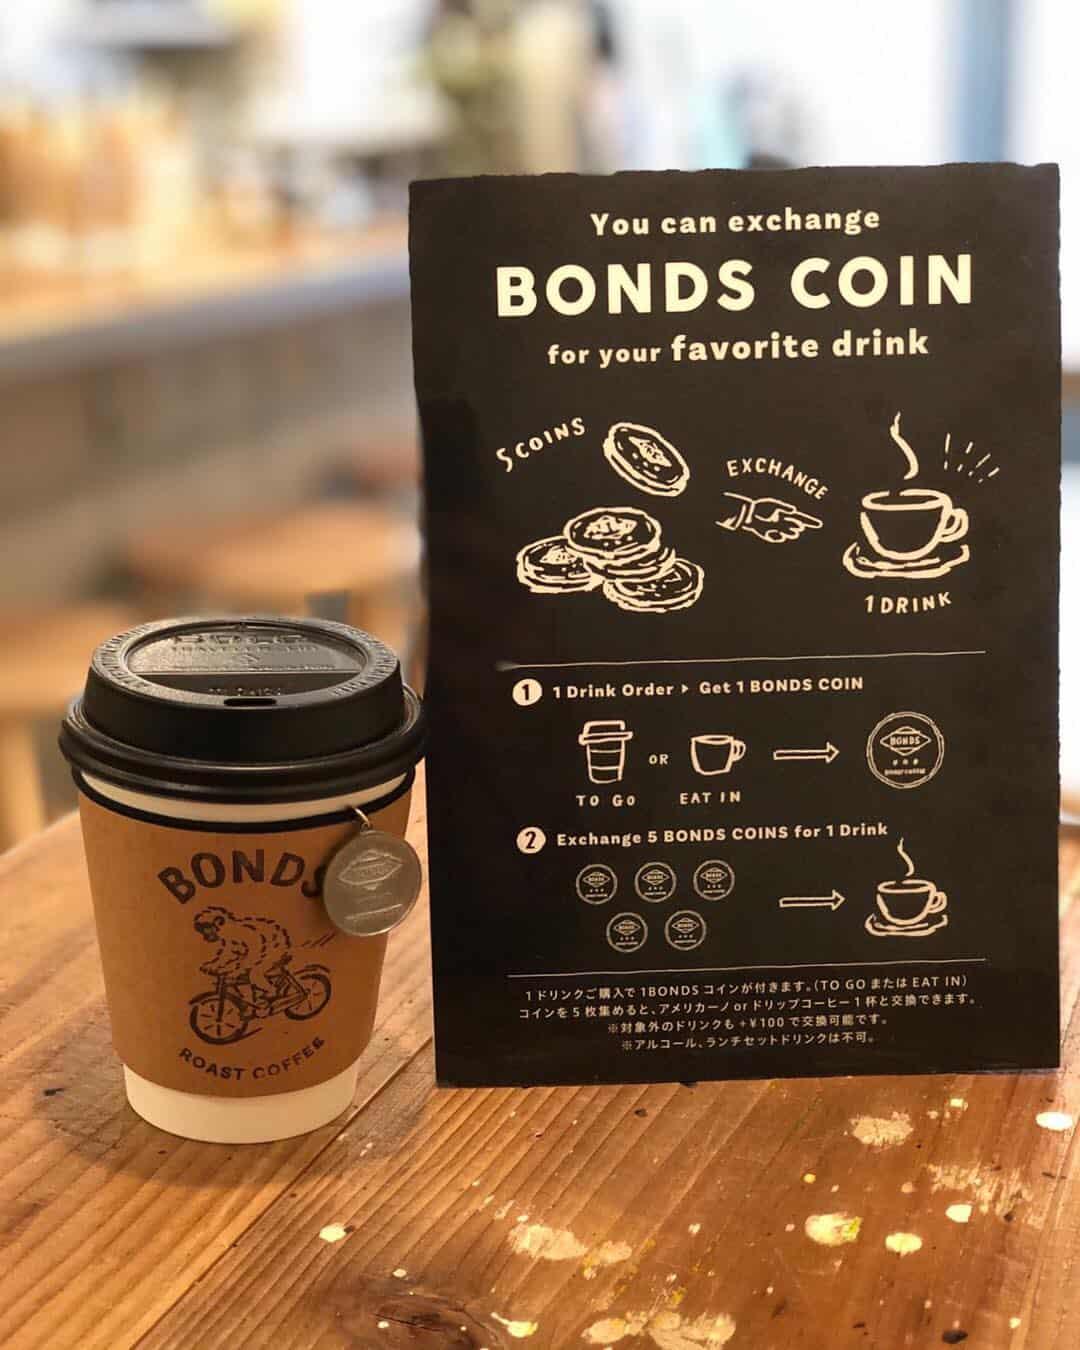 คาเฟ่ BONDS Meguro โตเกียว มีให้สะสมเหรียญเพื่อนำมาแลกกาแฟฟรี